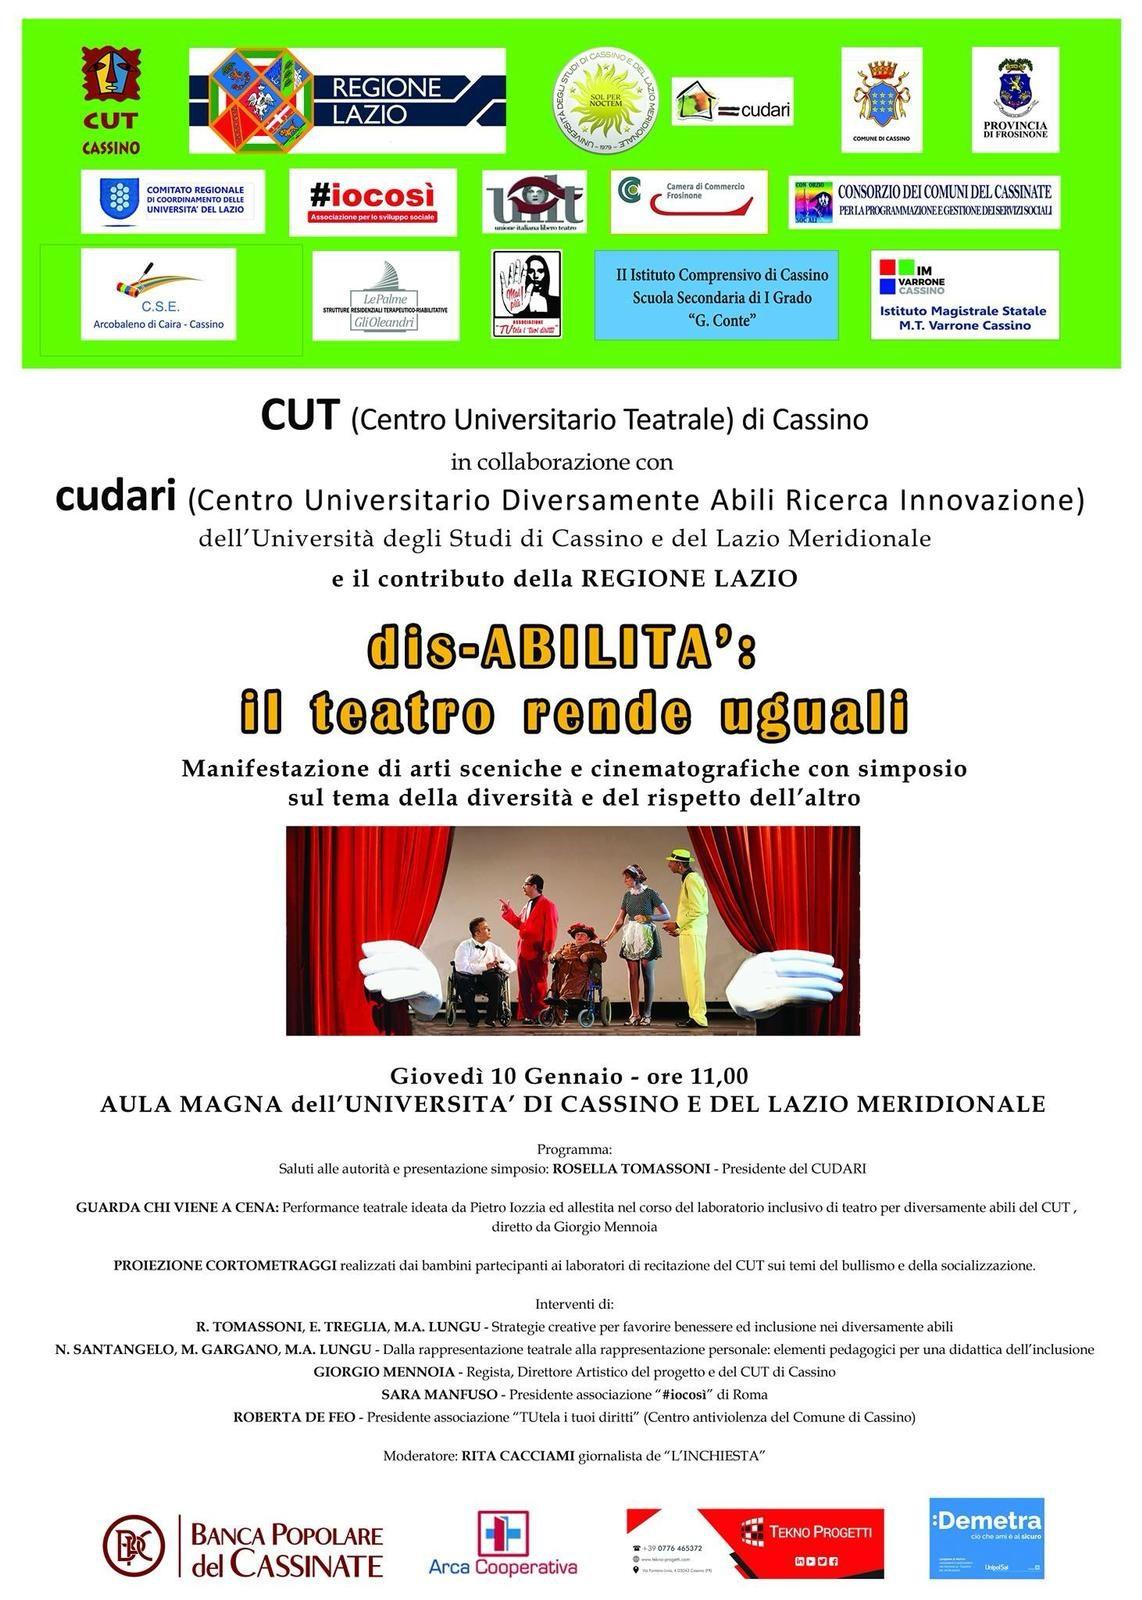 La Presidente di #IoCosì interverrà all'iniziativa dedicata al rapporto tra arte e disabilità presso l'Università del Lazio Meridionale